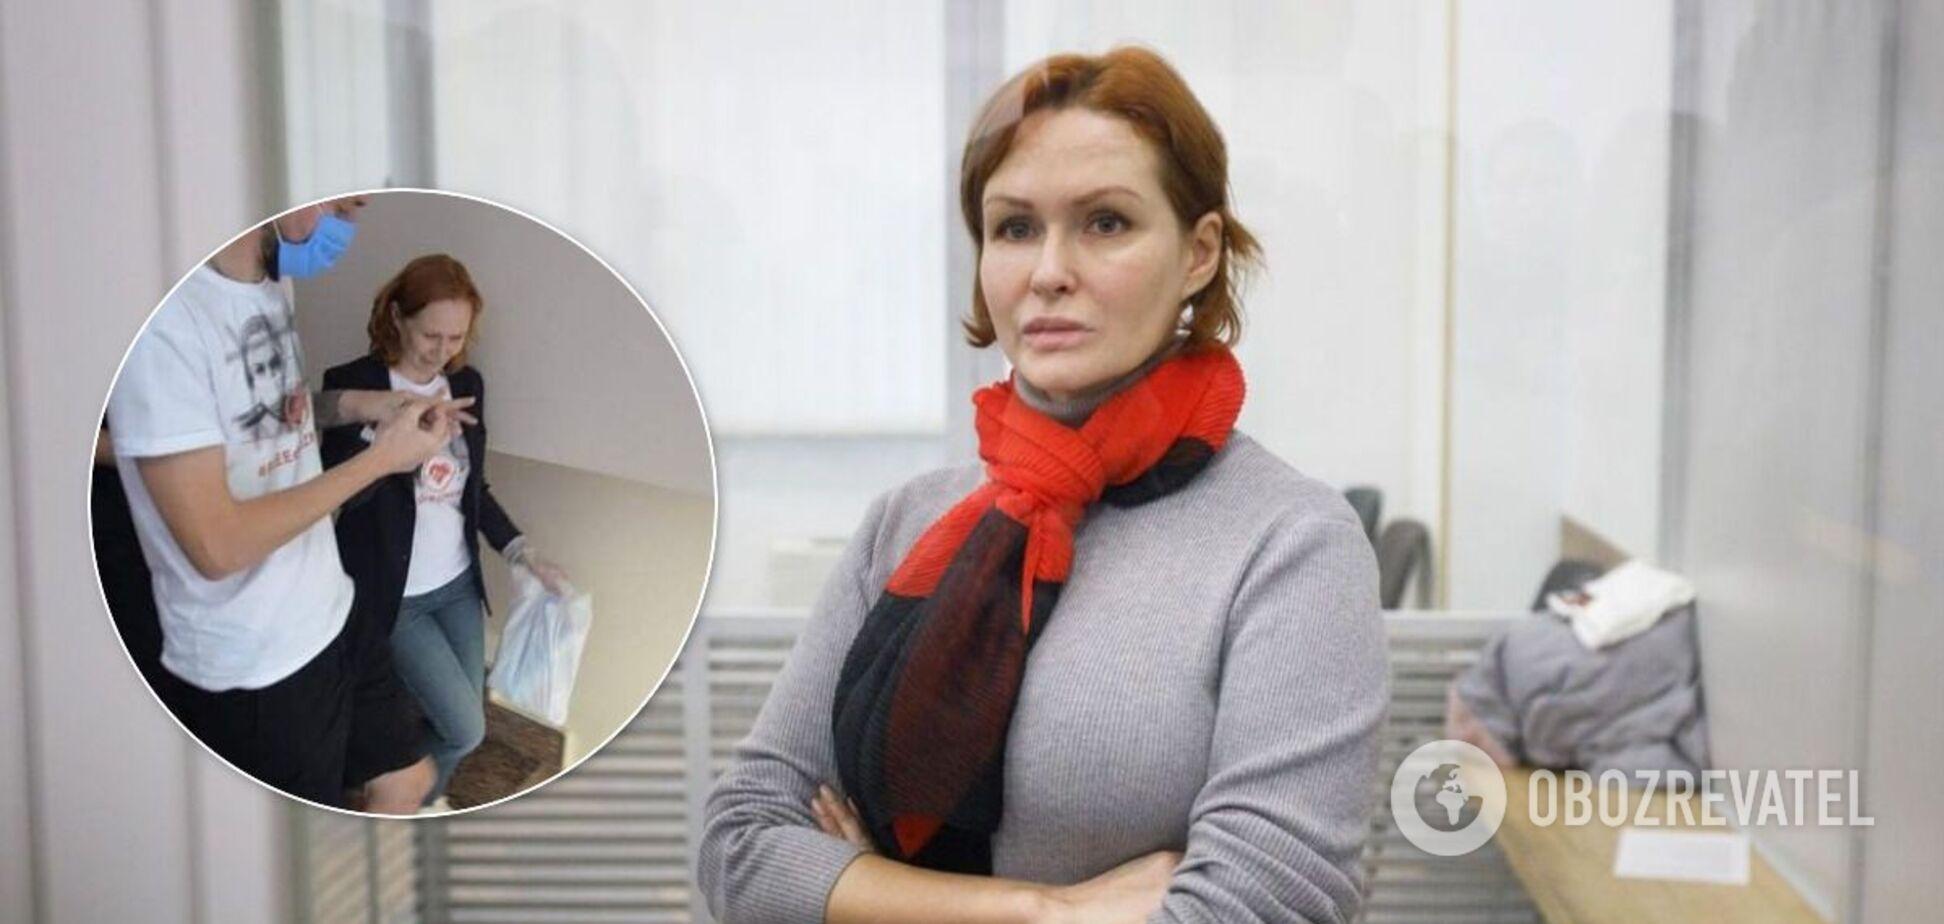 Юлия Кузьменко обручилась со своим гражданским мужем